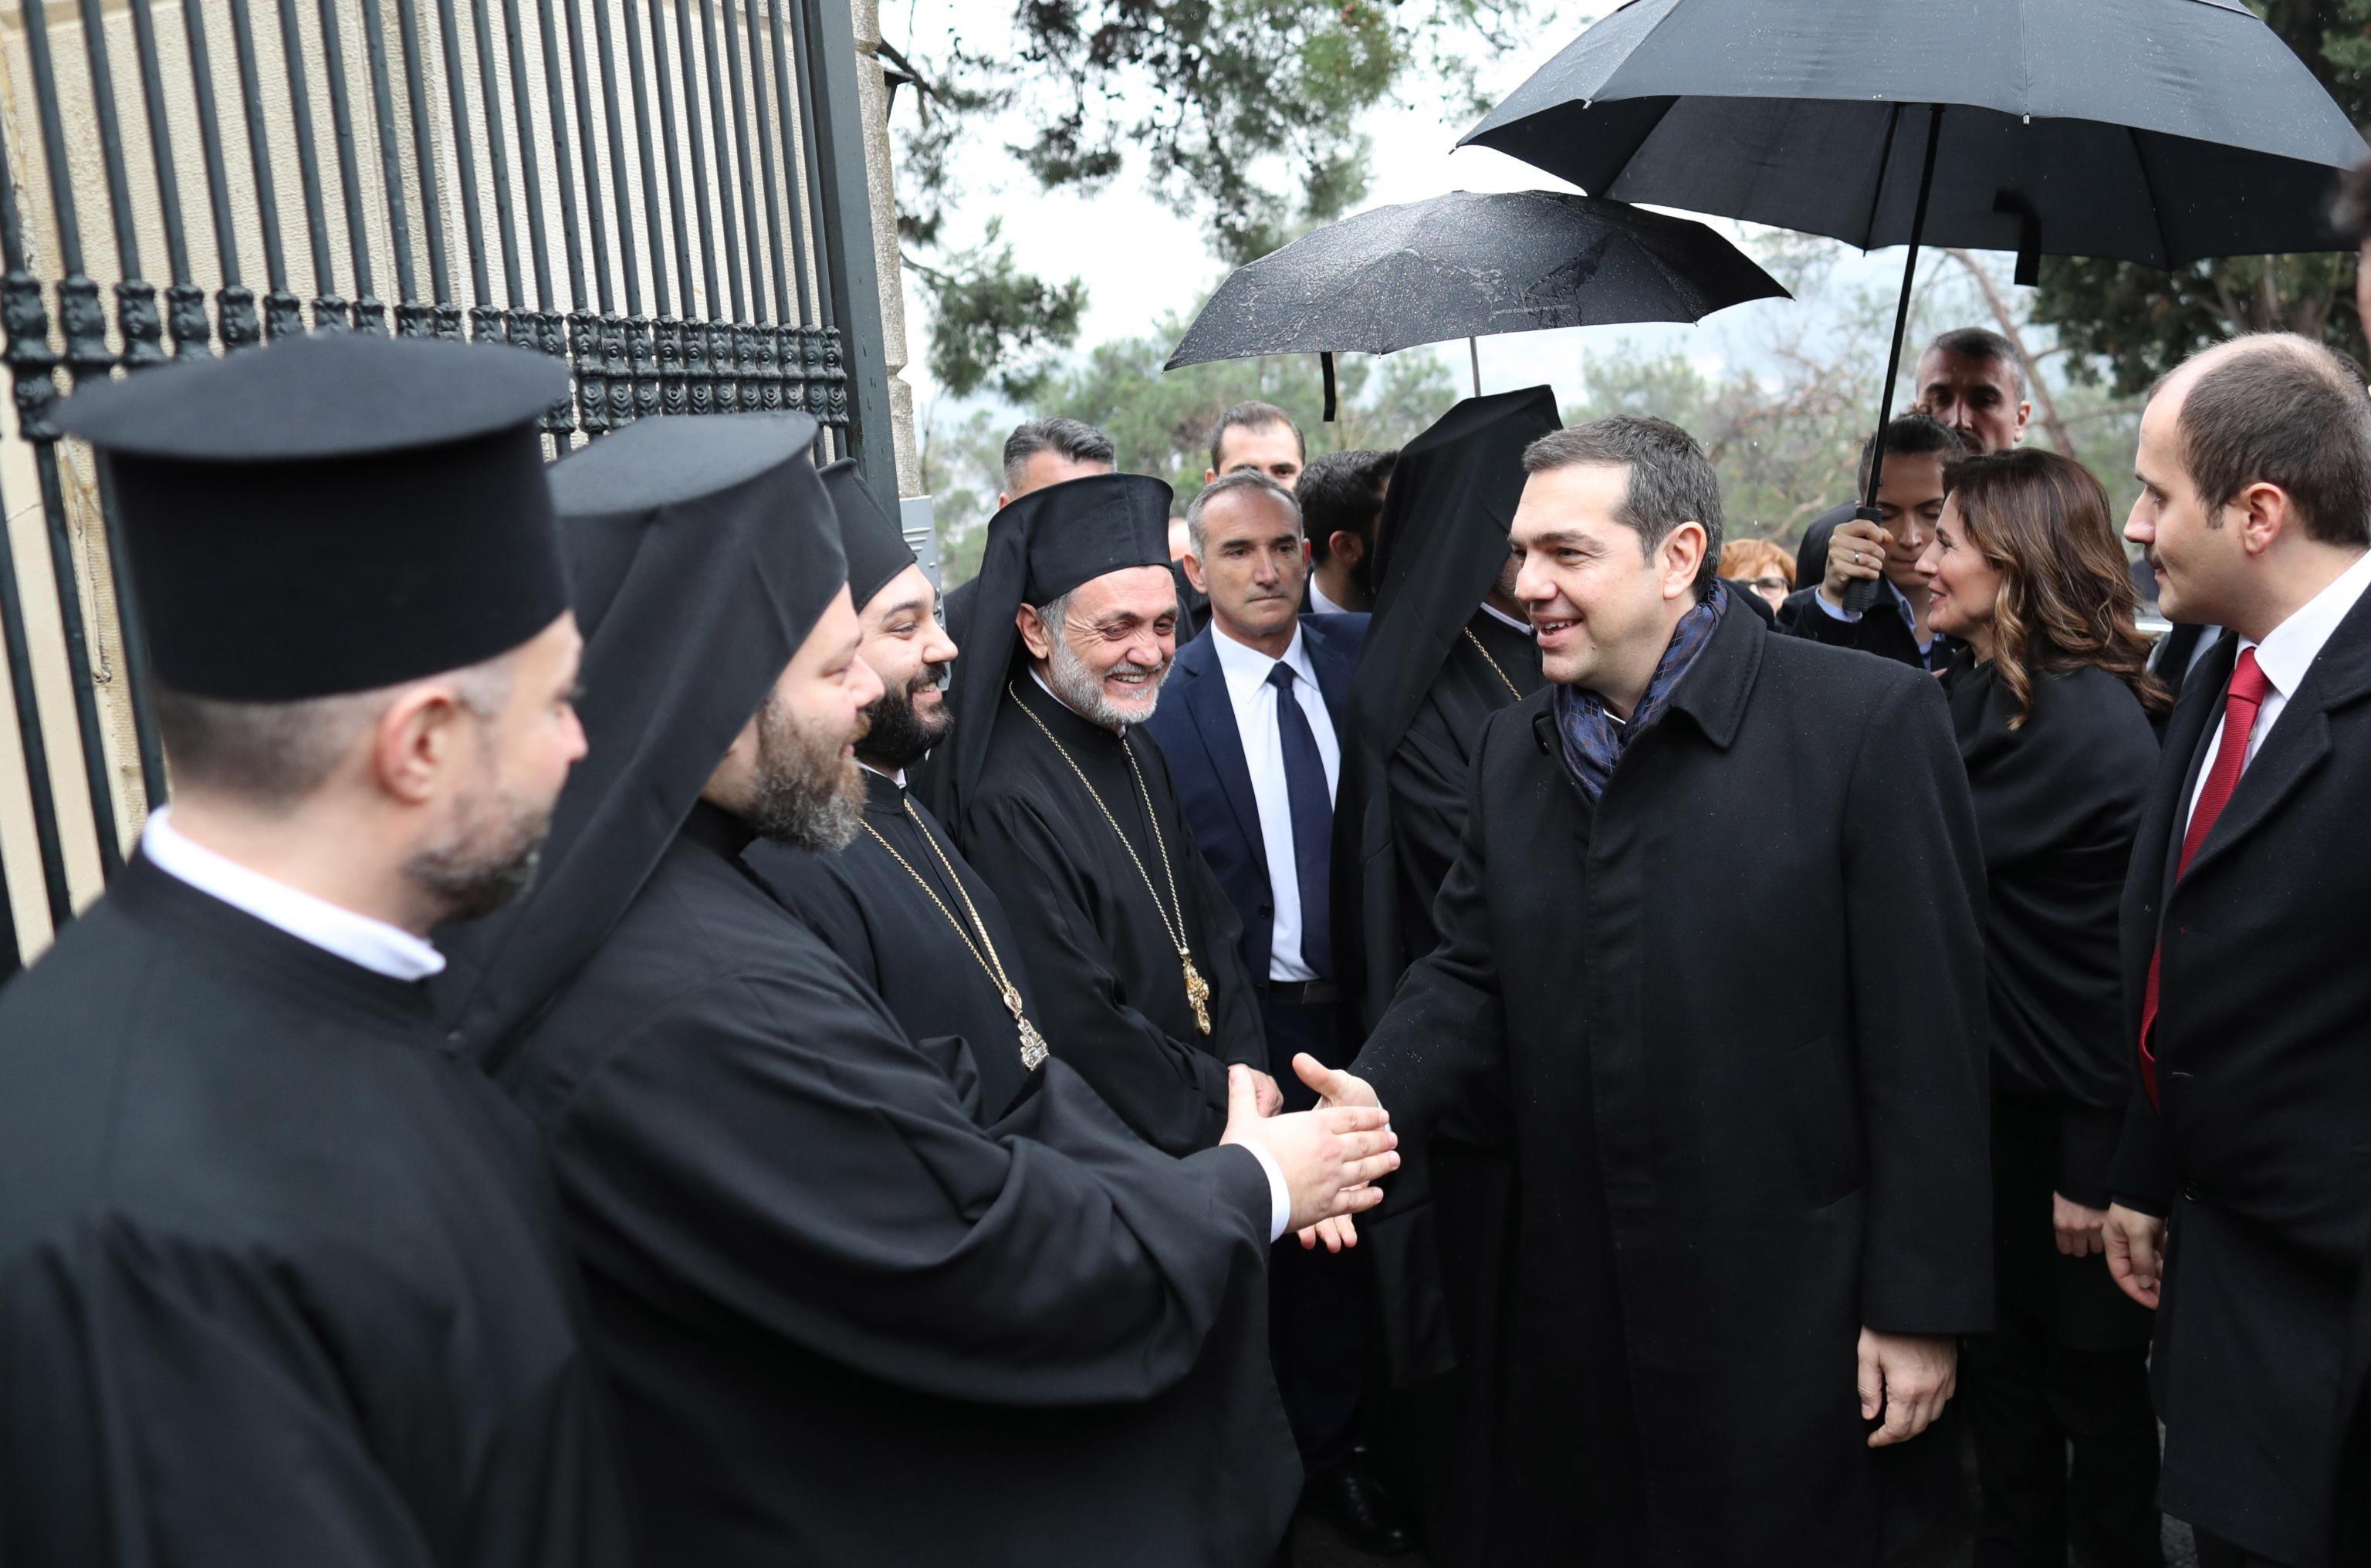 Il primo ministro greco stringe la mano ad alcuni sacerdoti ortodossi